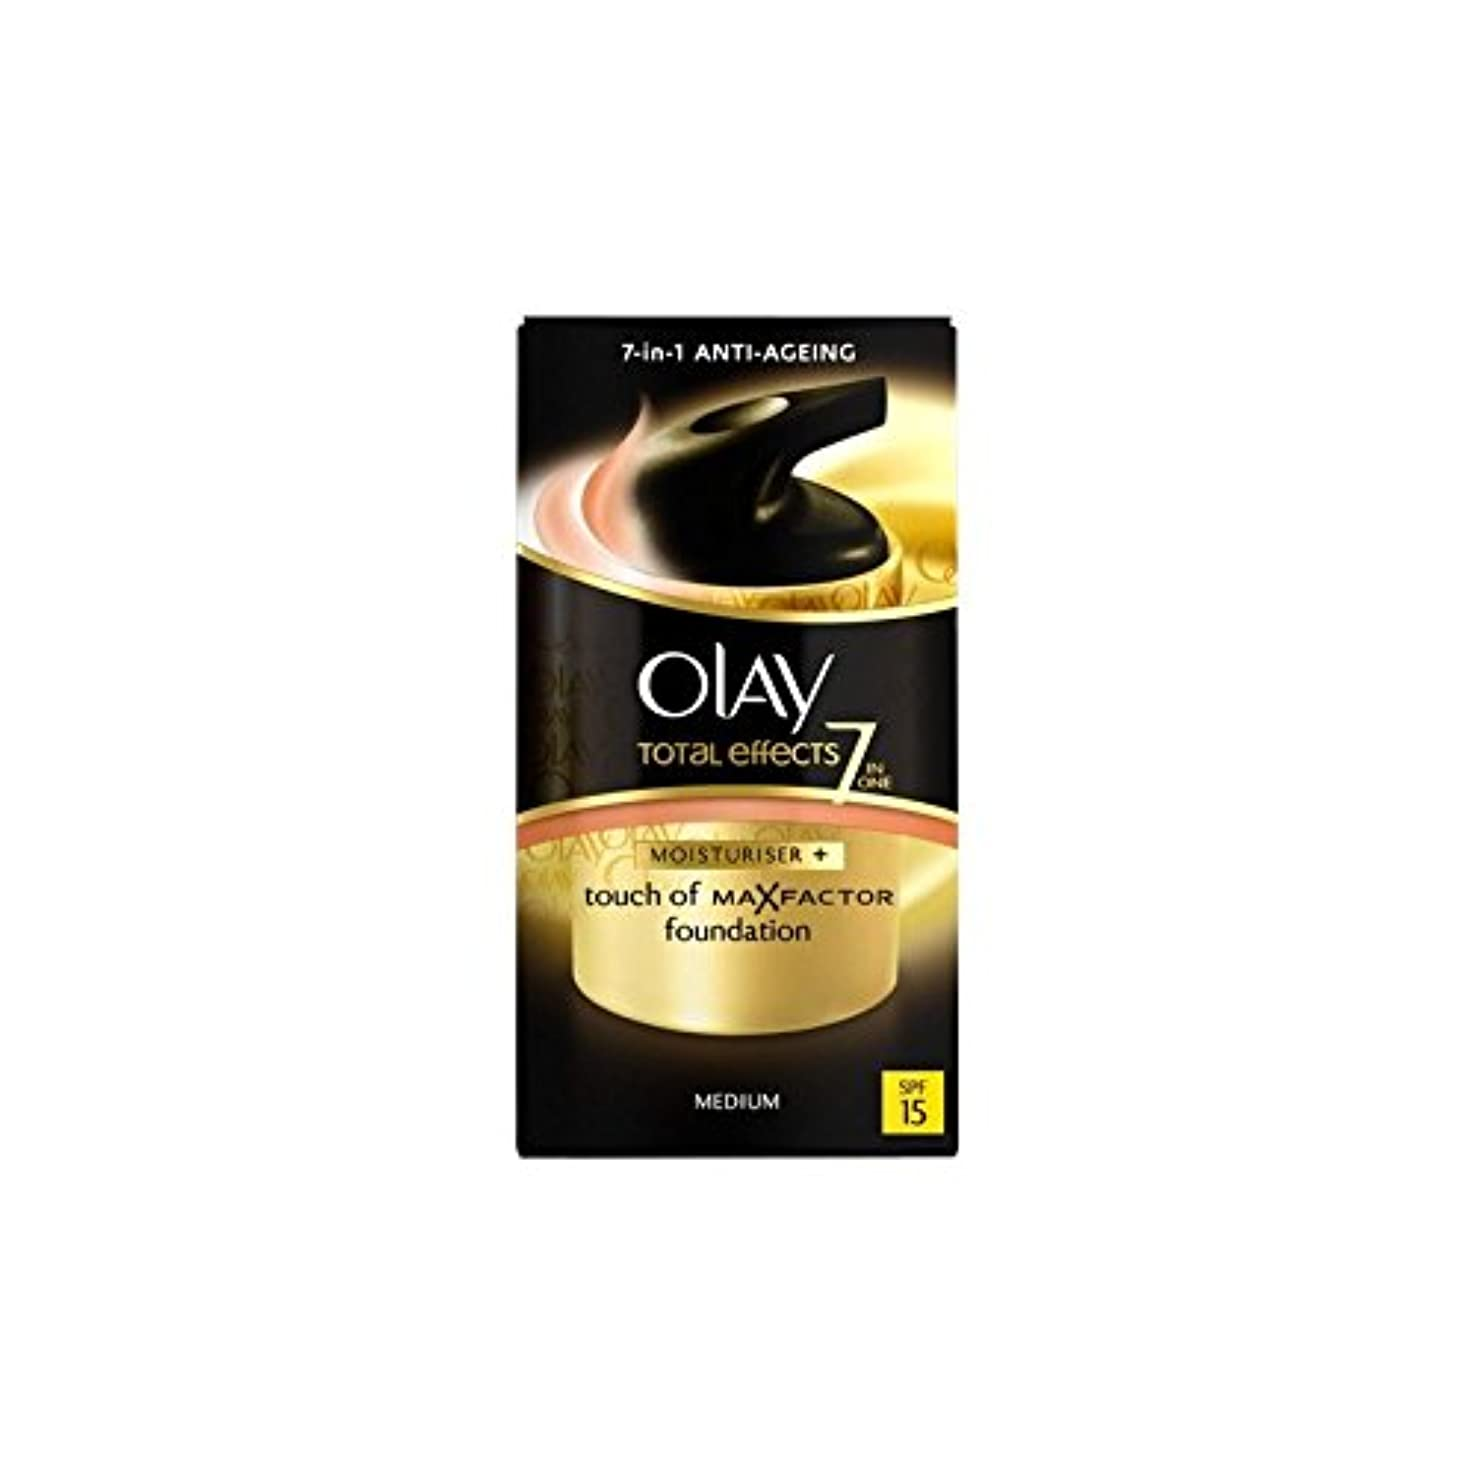 ブラウン分析的な好戦的なOlay Total Effects Moisturiser Bb Cream Spf15 - Medium (50ml) - オーレイトータルエフェクト保湿クリーム15 - 培地(50ミリリットル) [並行輸入品]